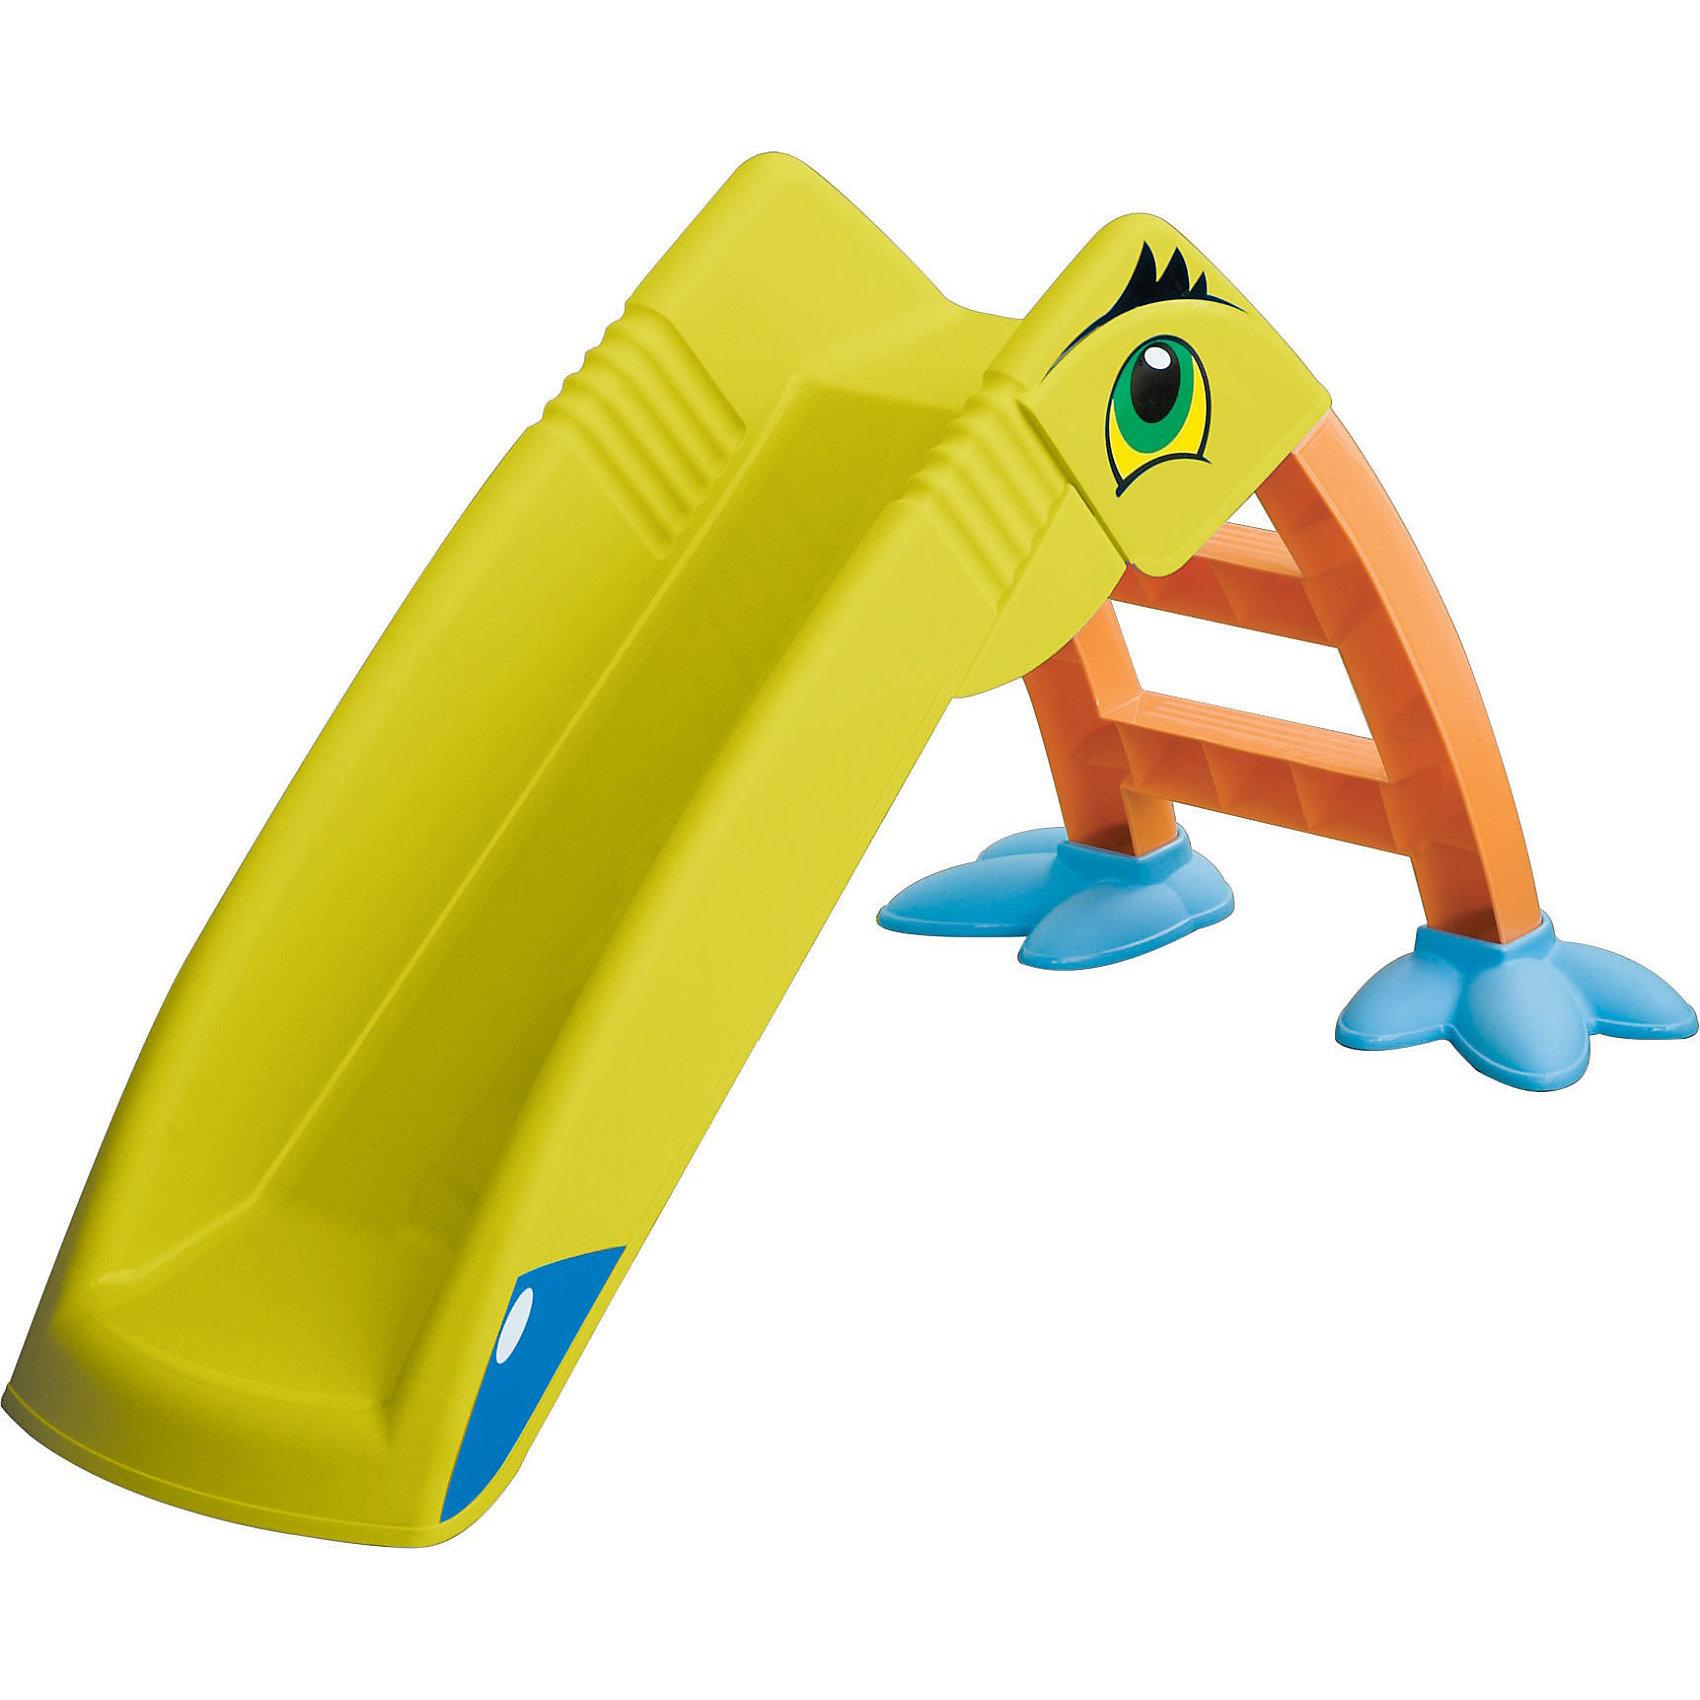 Горка - Пеликан, MarianplastMarianplast Горка – Пеликан  — забавная красочная горка в виде пеликана для детей от 1 года.<br><br>Горка состоит из лесенки и желоба для скатывания, легко и быстро собирается без использования инструментов. <br>Несмотря на небольшой вес, в собранном состоянии очень устойчива.<br>Горка изготовлена из яркого, прочного, нетоксичного пластика, устойчивого к выцветанию и воздействию влаги, с соблюдением европейского стандарта качества и безопасности для детских товаров.<br><br>Дополнительная информация:<br><br>- Материал: высокопрочный пластик <br>- Габариты: Размеры горки: 135х41х56 см. <br>- Размер упаковки: 118x31x41 см <br>- Вес: 3.9 кг.<br>- Пластиковая горка «Пеликан» от Marian Plast подходит для детей от 1,5 лет, весом от 13 до 20 кг.<br><br>Горка Пеликан стимулирует малыша к активным действиям и движению, развивает воображение. Яркая и красочная, она обязательно понравится вашему малышу.<br><br>Marianplast Горку - Пеликан можно купить в нашем магазине.<br><br>Ширина мм: 1250<br>Глубина мм: 240<br>Высота мм: 510<br>Вес г: 4790<br>Возраст от месяцев: 18<br>Возраст до месяцев: 84<br>Пол: Унисекс<br>Возраст: Детский<br>SKU: 2442773